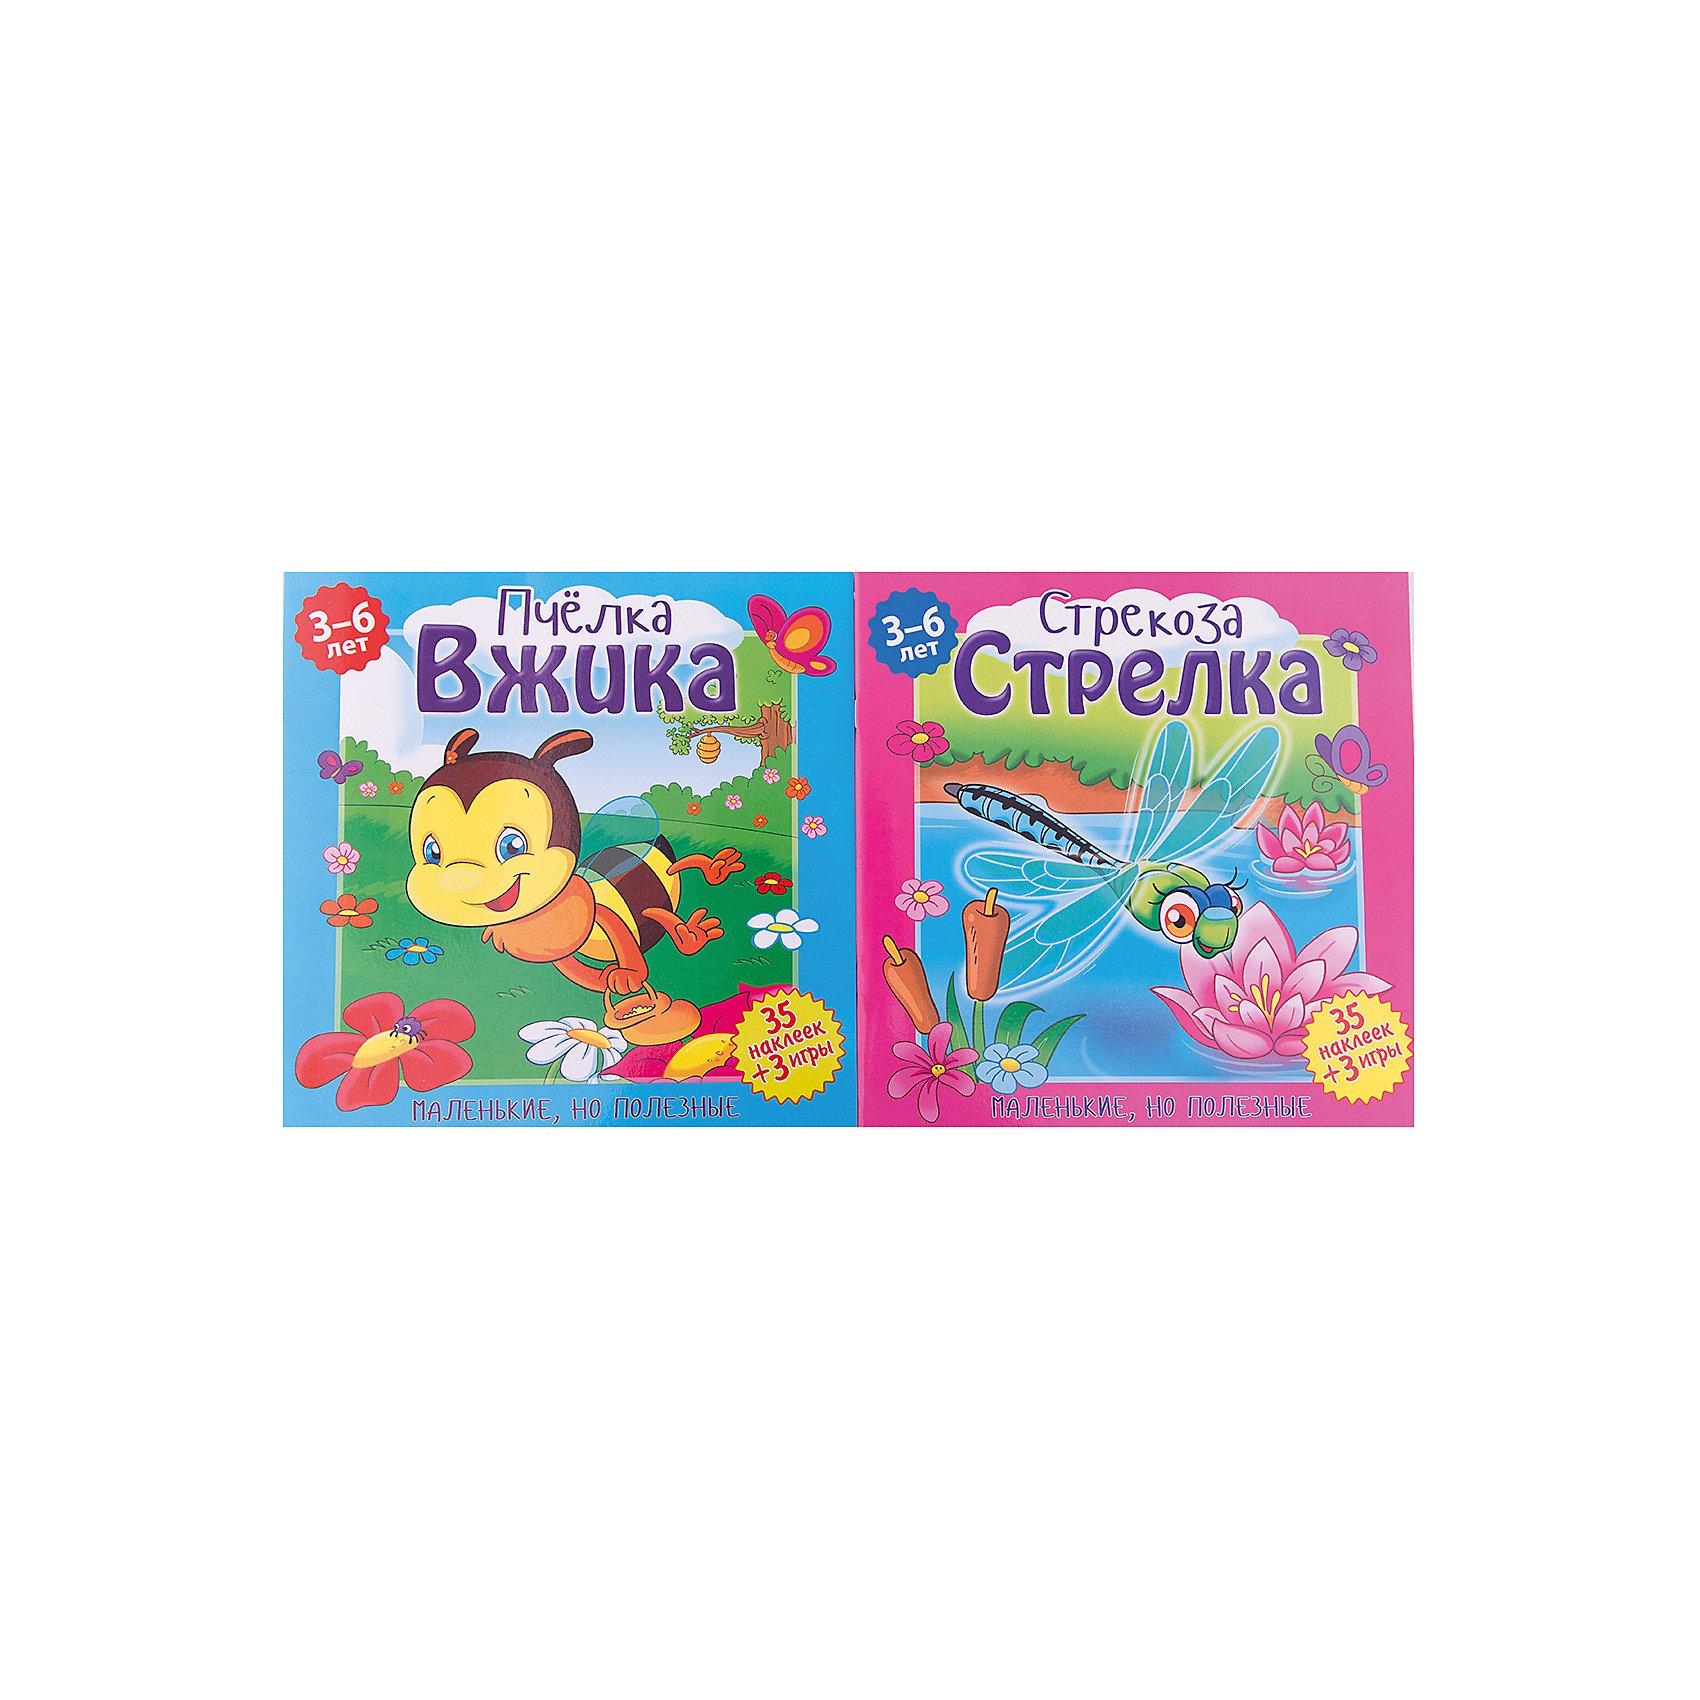 Комплект книг  Маленькие, но полезныеПервые книги малыша<br>Характеристики:<br><br>• возраст: от 3 лет<br>• в комплекте: 2 книги (Пчелка Вжика, Стрекоза Стрелка)<br>• в каждой книге: 40 наклеек, 3 игры<br>• издательство: НД Плэй<br>• серия: Маленькие, но полезные<br>• тип обложки: картон<br>• иллюстрации: цветные<br>• количество страниц в каждой книге: 24 (офсет)<br>• размер одной книги: 24х24х0,3 см.<br>• вес одной книги: 100 гр.<br>• ISBN: 4690241154813<br><br>Красочные книжки порадуют малышей весёлыми, добрыми картинками и поучительными историями о пчелке по имени Вжика и стрекозе Стрелке.<br><br>В каждой книге: задания с наклейками на каждой страничке, игра на развитие внимания «Найди 10 отличий», игра на развитие воображения и речи «Создай свою историю», раскраска «Портрет главного героя».<br><br>Комплект книг Маленькие, но полезные можно купить в нашем интернет-магазине.<br><br>Ширина мм: 240<br>Глубина мм: 6<br>Высота мм: 240<br>Вес г: 200<br>Возраст от месяцев: 36<br>Возраст до месяцев: 2147483647<br>Пол: Унисекс<br>Возраст: Детский<br>SKU: 6910538